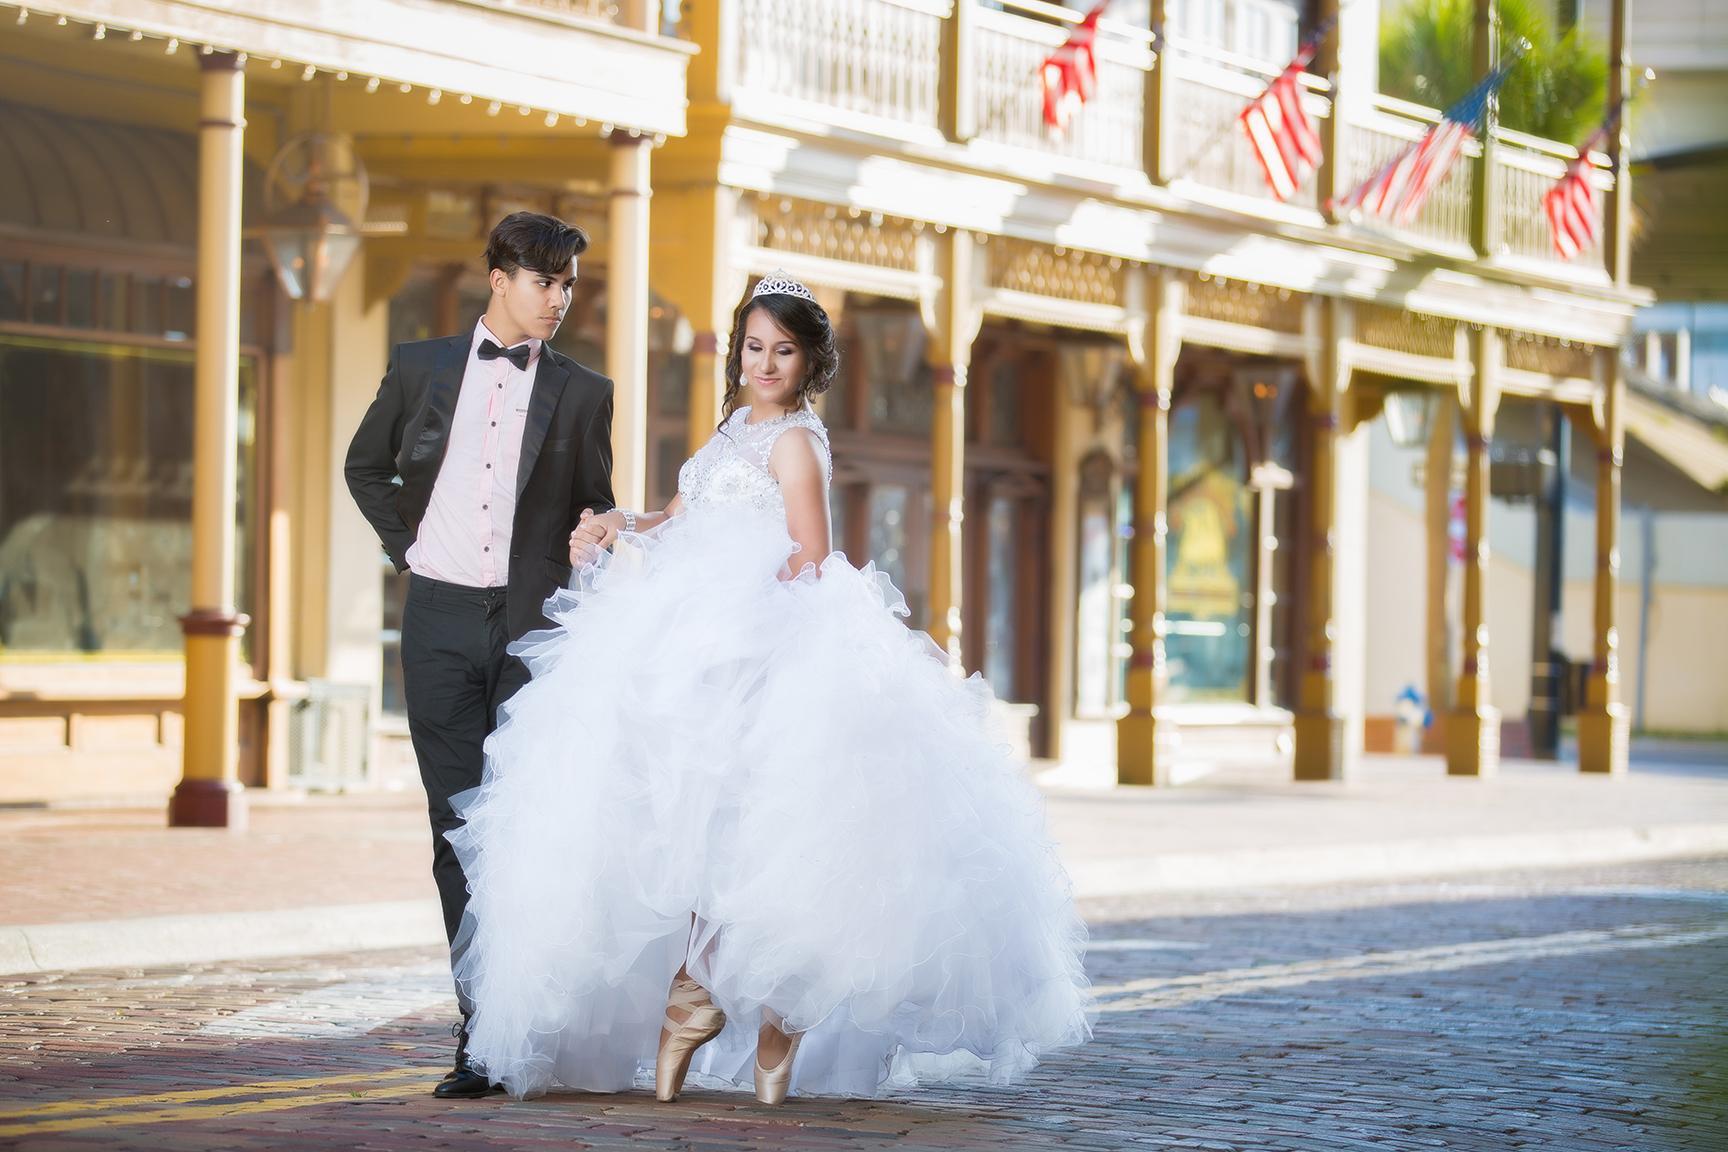 DBatista_Photography_Photo_Session_Quinceañera_Ballerina_Photography_Orlando_Florida